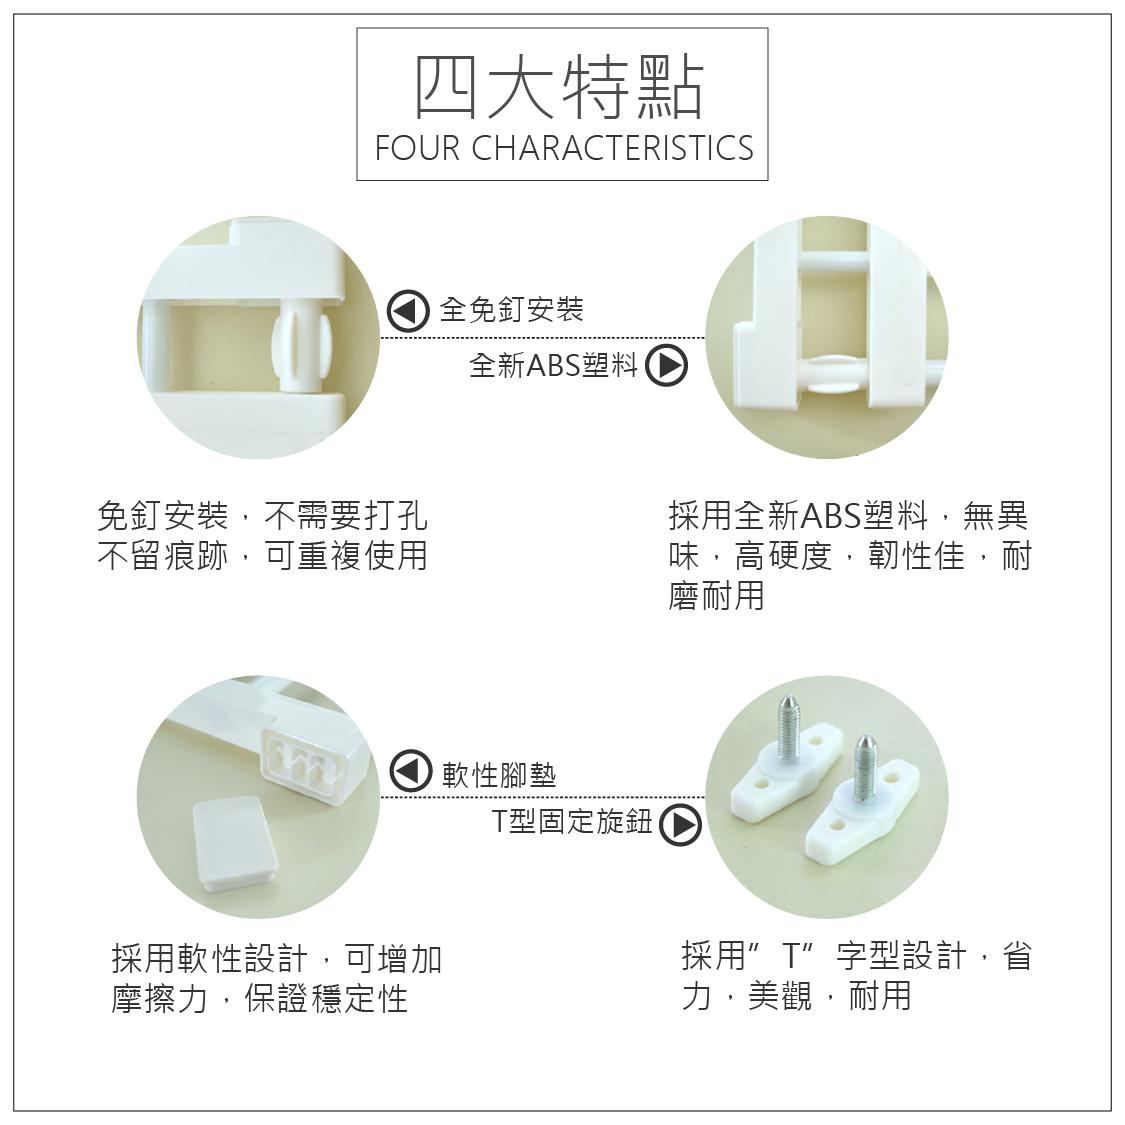 【 EASYCAN  】EC003 多功能伸縮隔板 易利裝生活五金 不鏽鋼 衣櫃 房間 臥房 衣櫃 小資族 辦公家具 系統家具 2